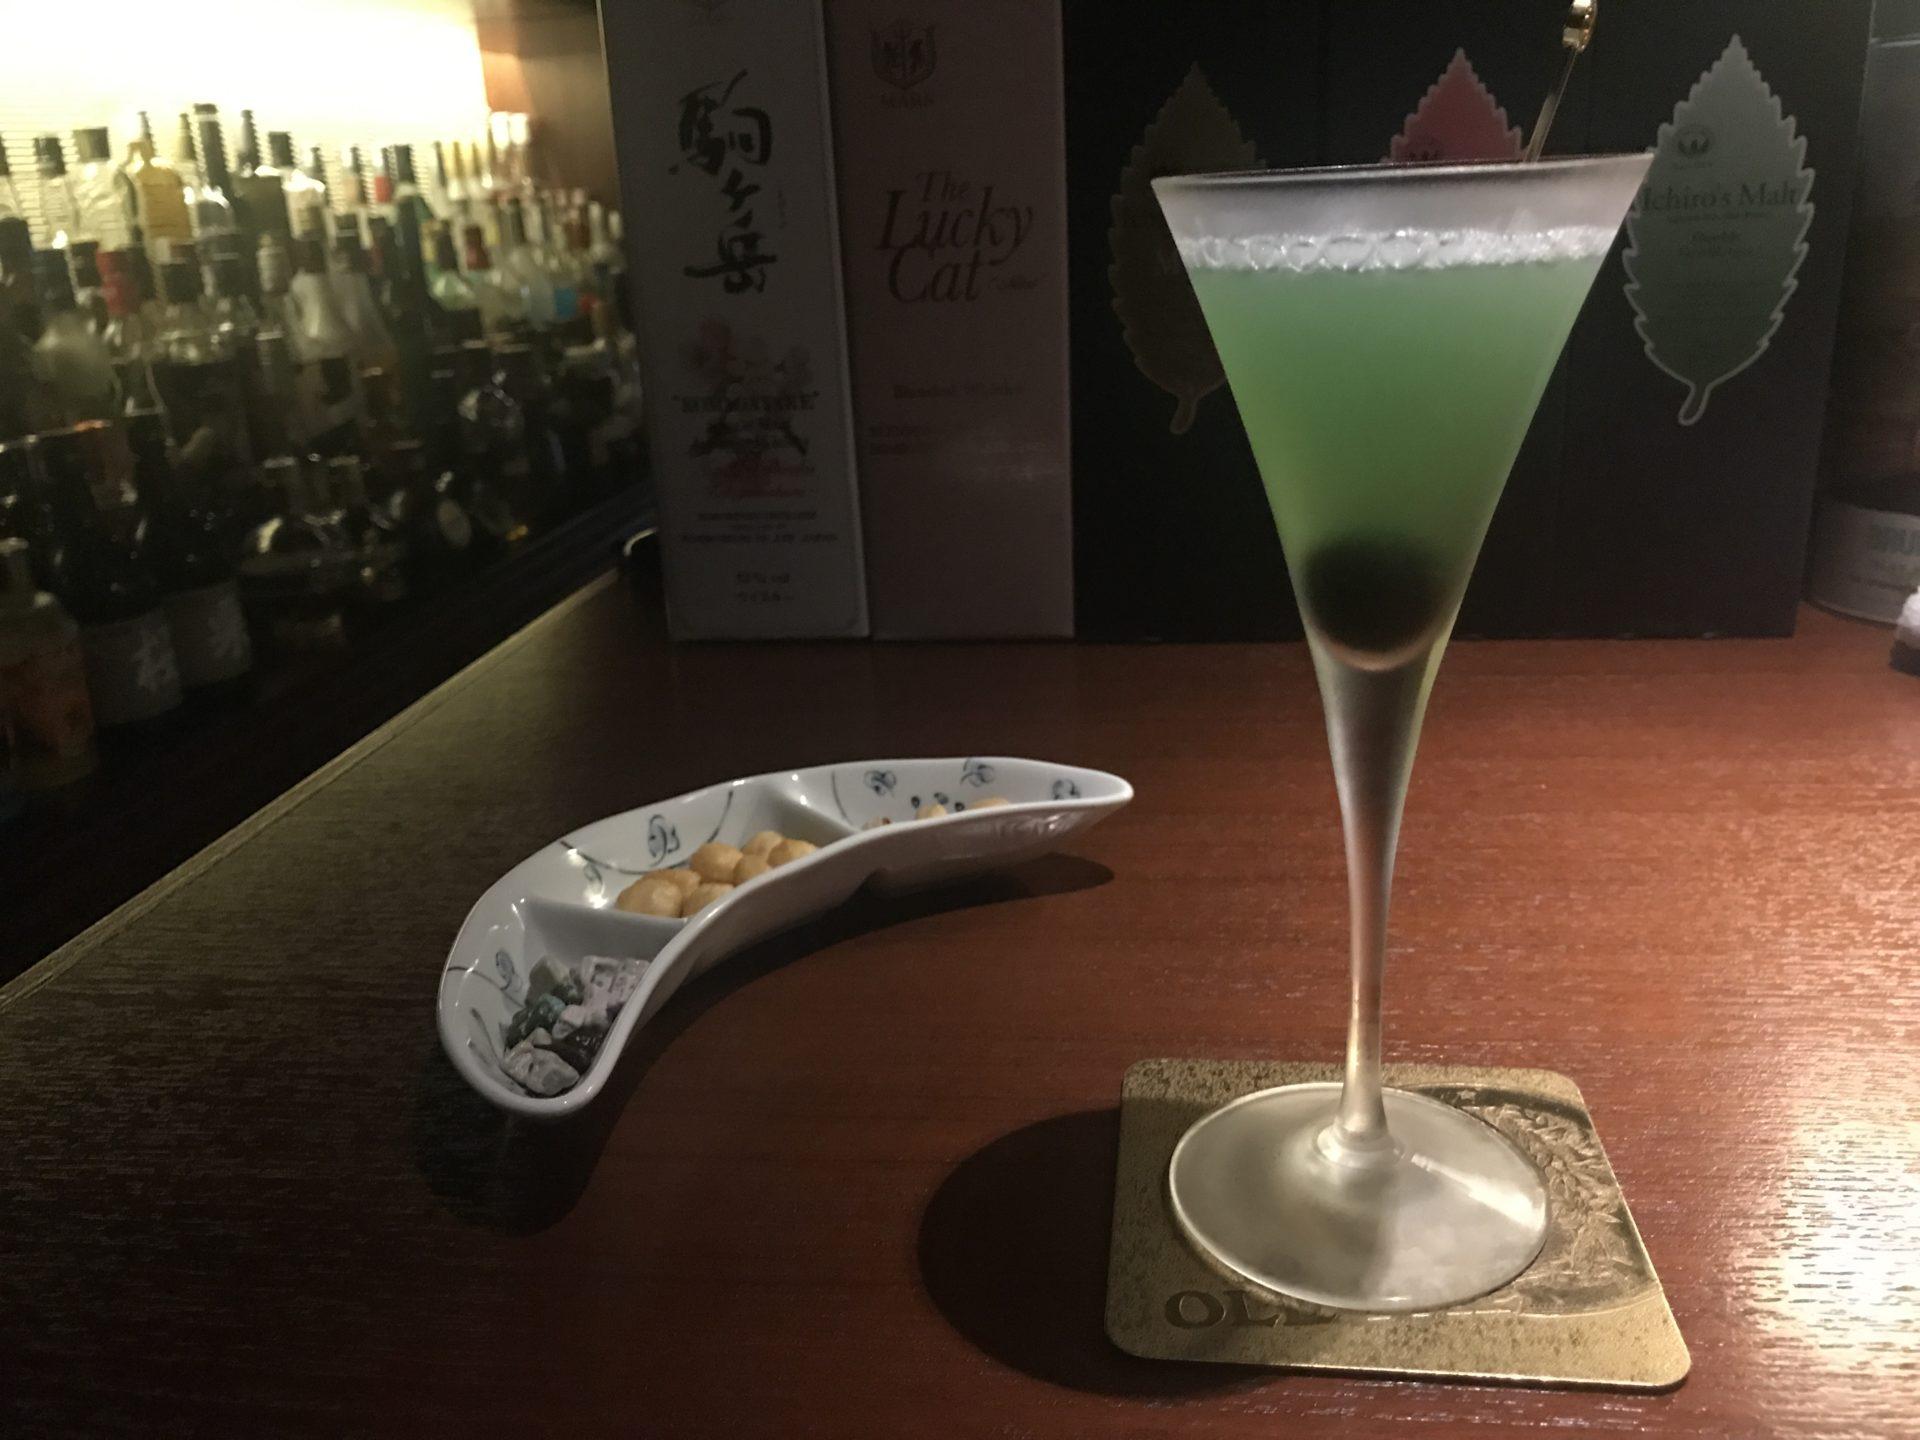 松本のバー OLD PALのマツモトカクテル